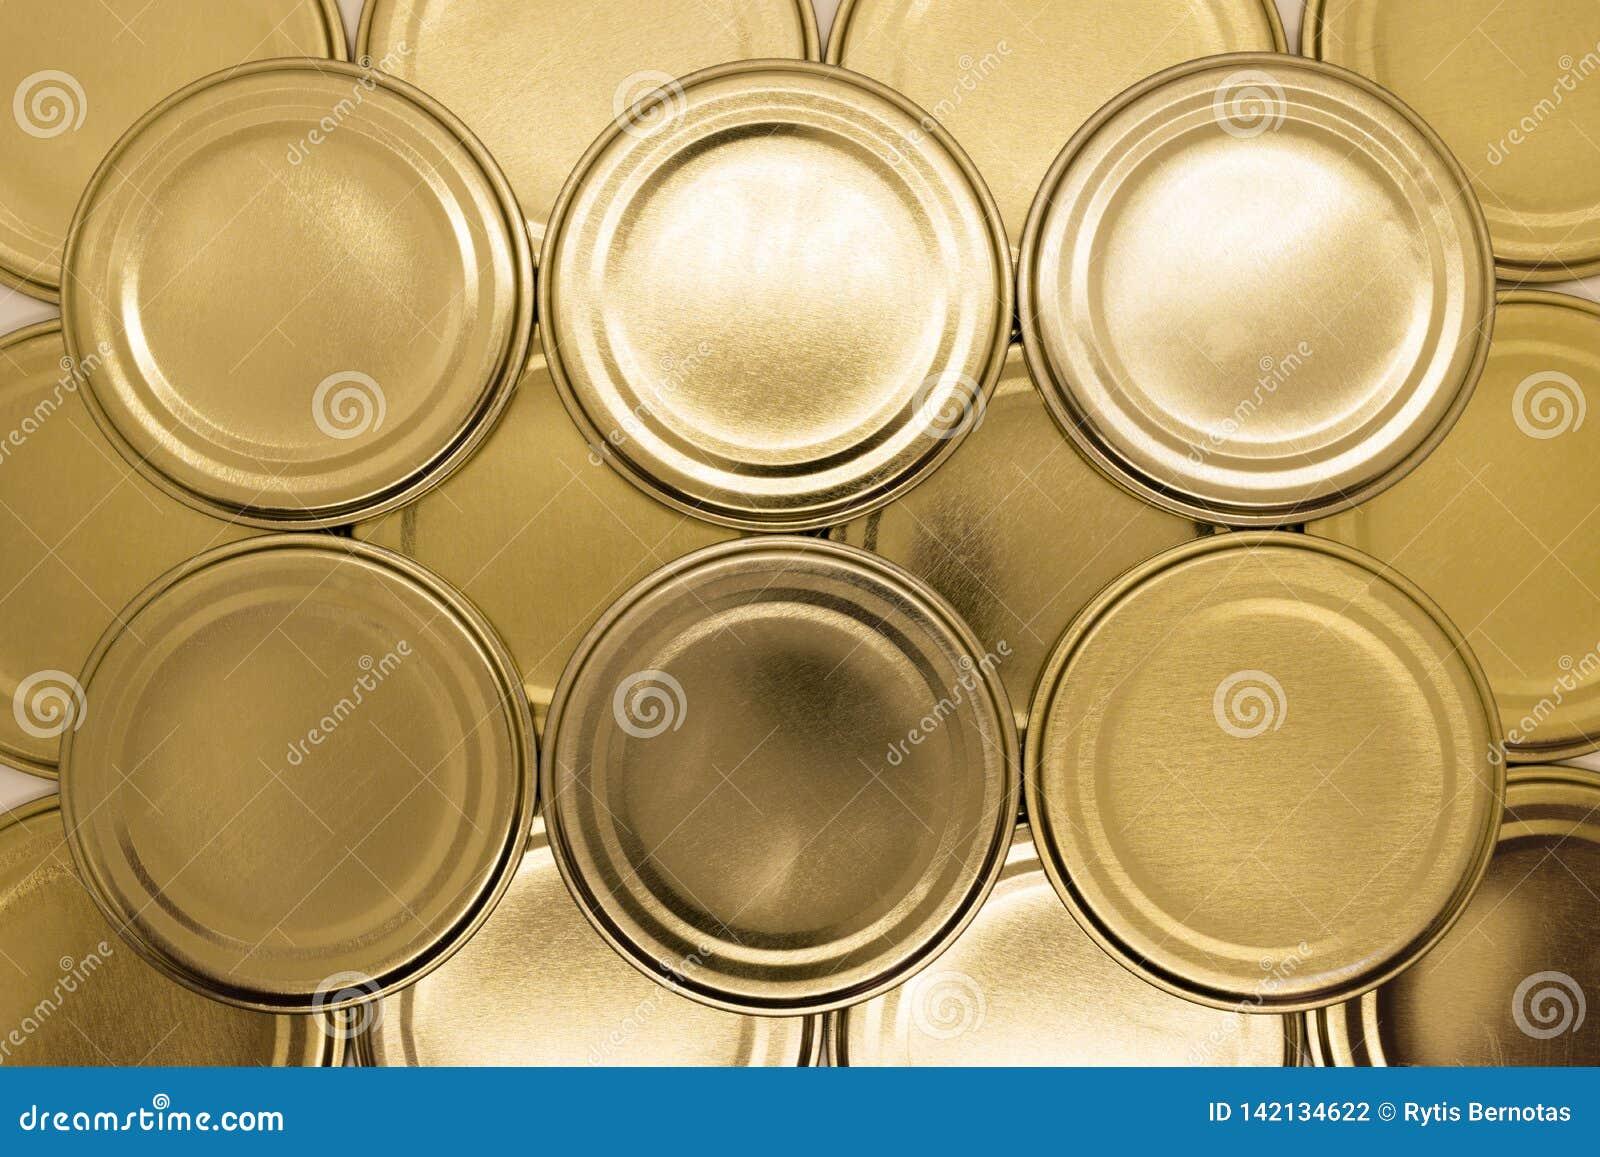 Χρυσό υπόβαθρο καπακιών βάζων